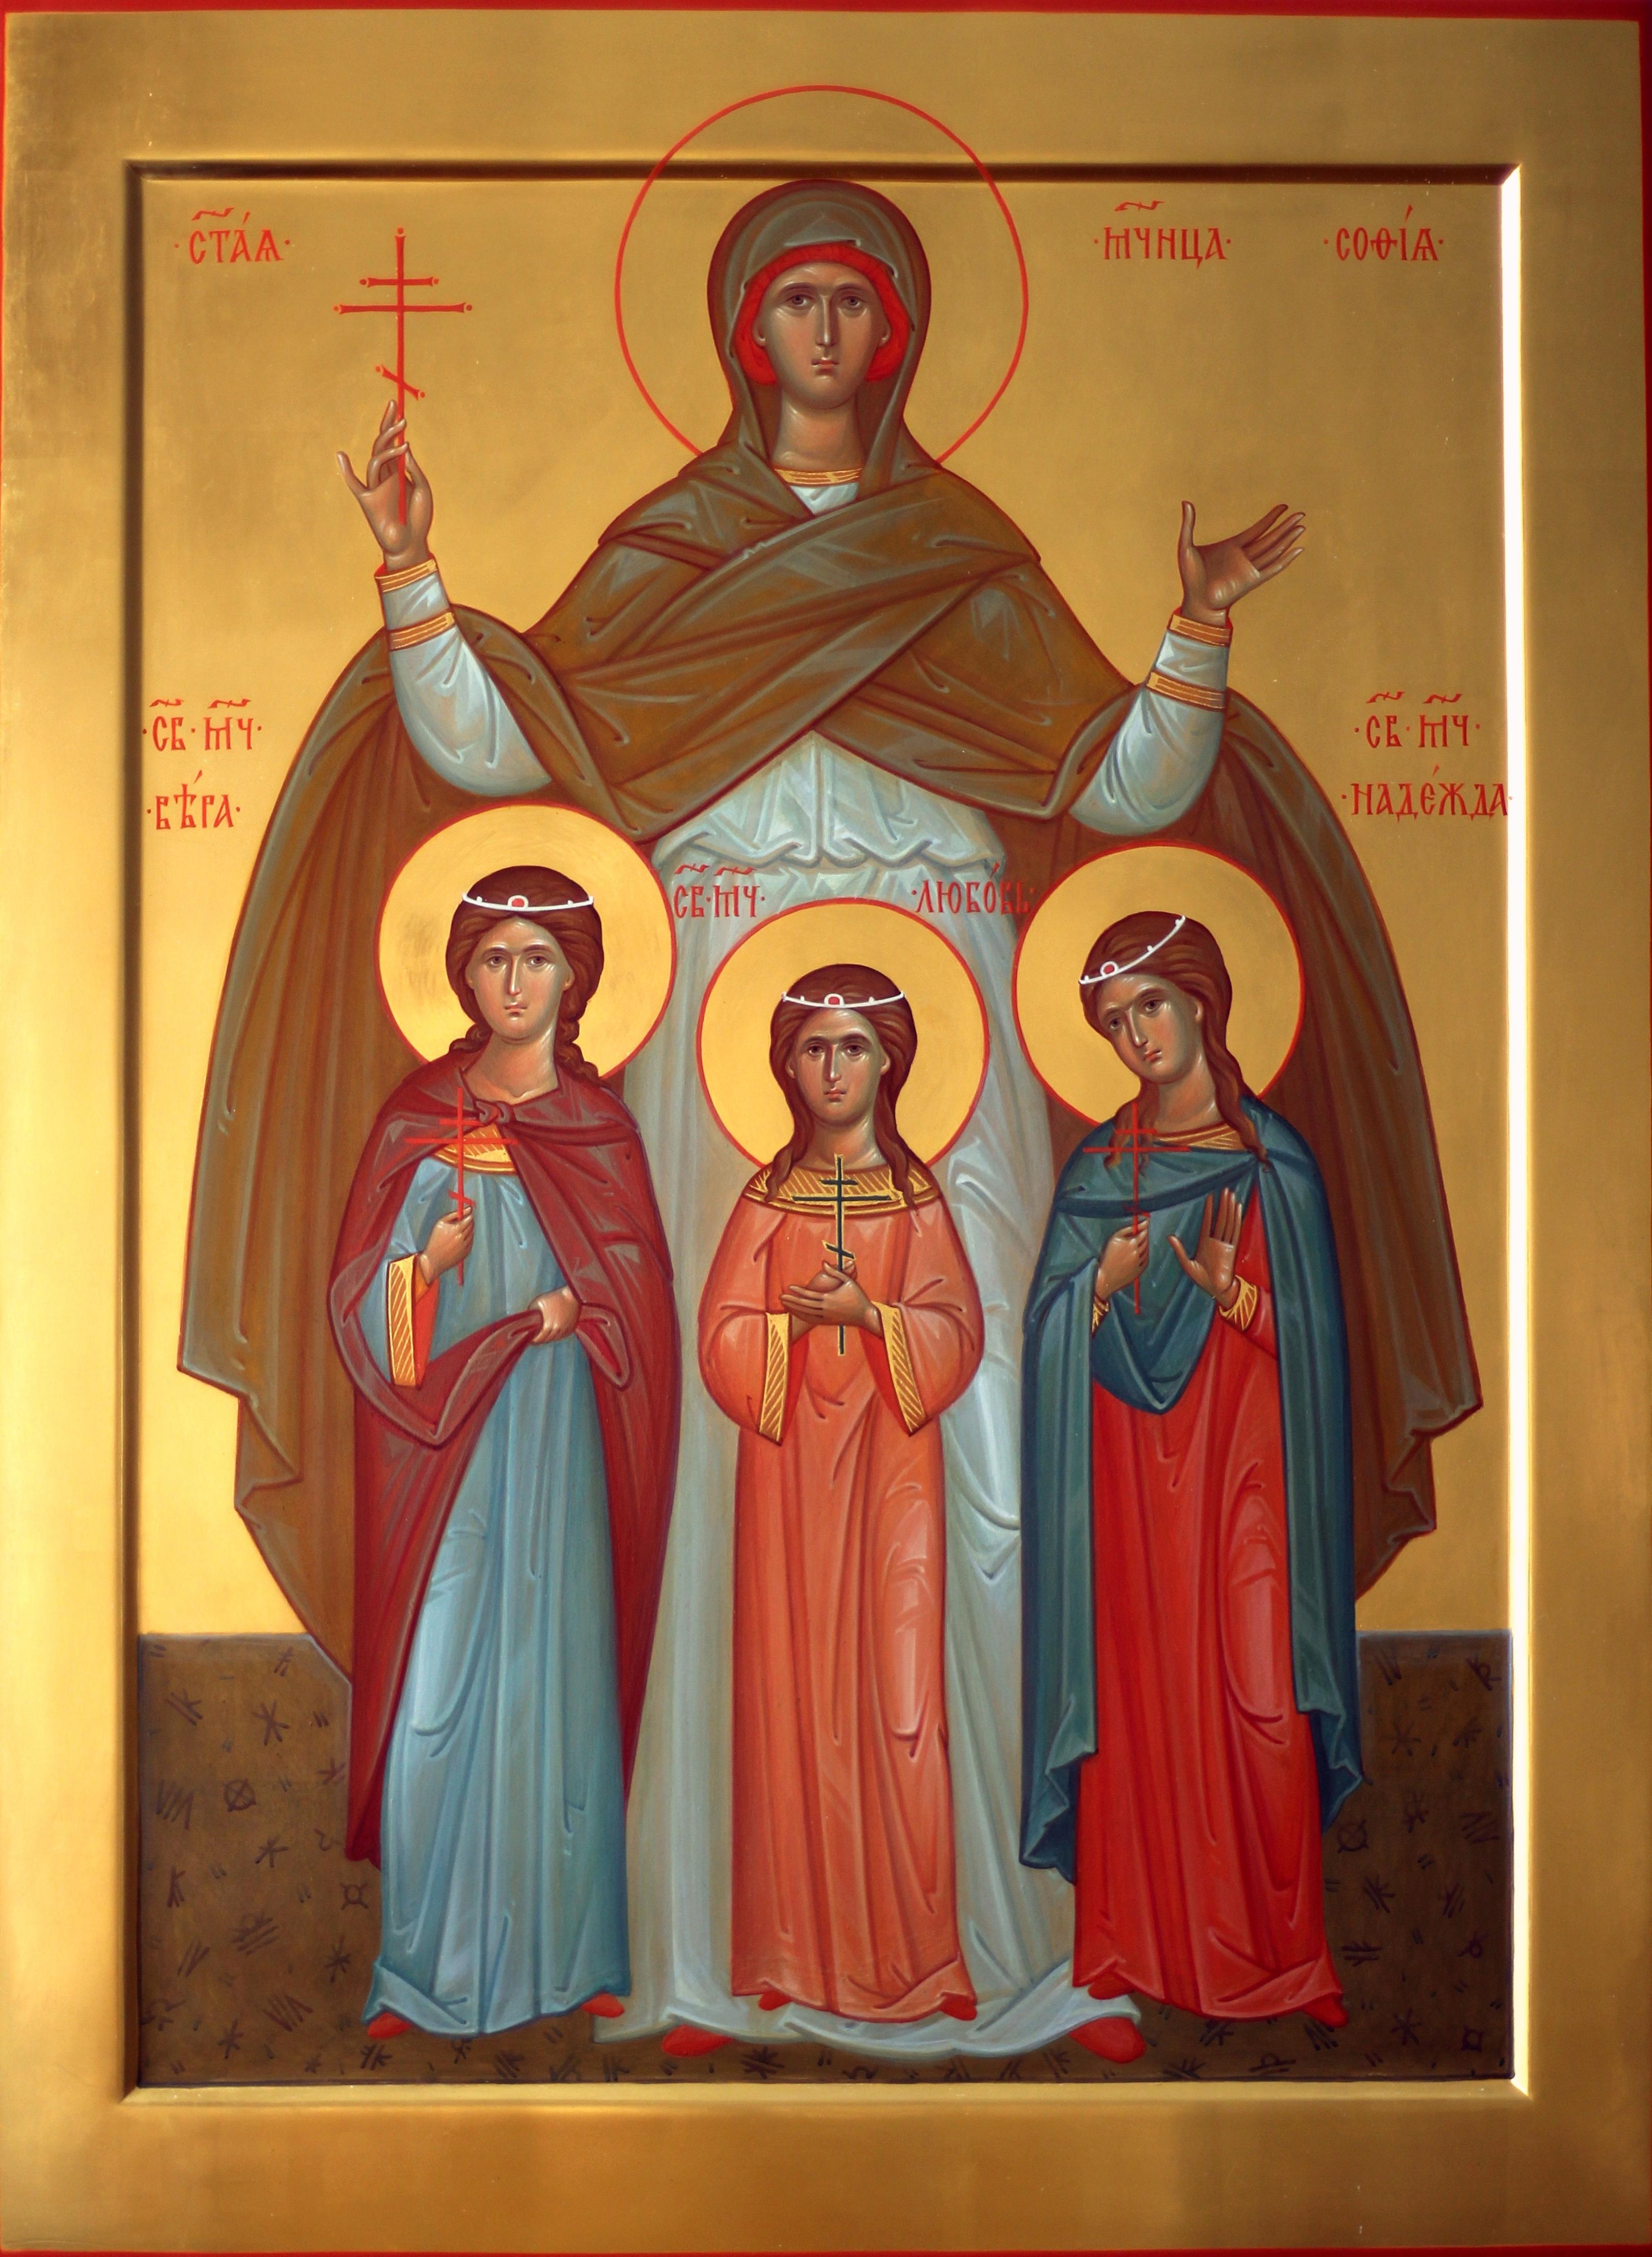 Святые мученицы Вера, Надежда, Любовь и мать их София. Иконописец Наталия Пискунова.